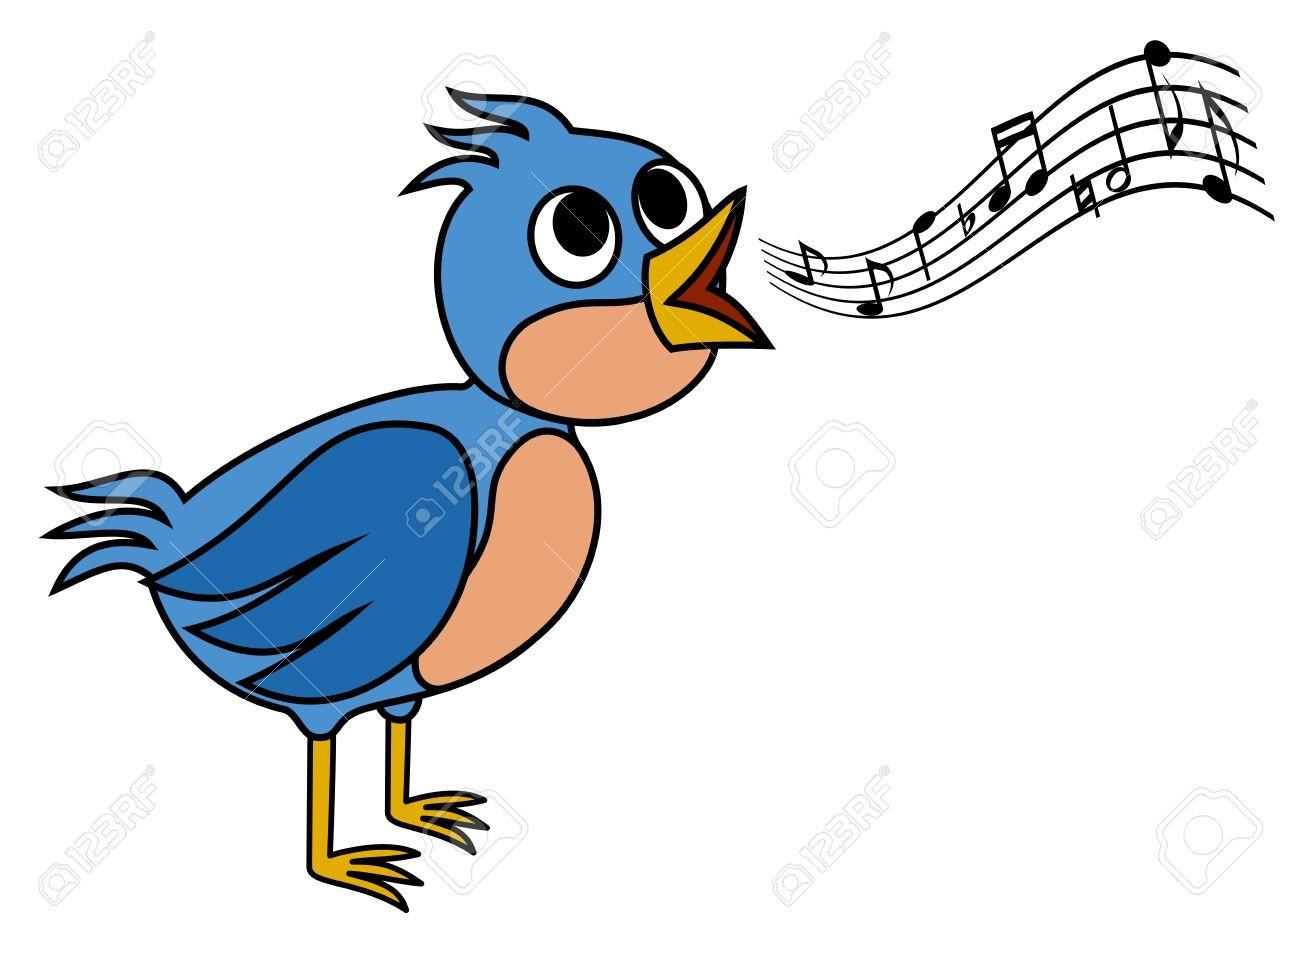 1300x975 singing birds stock illustrations bird singing